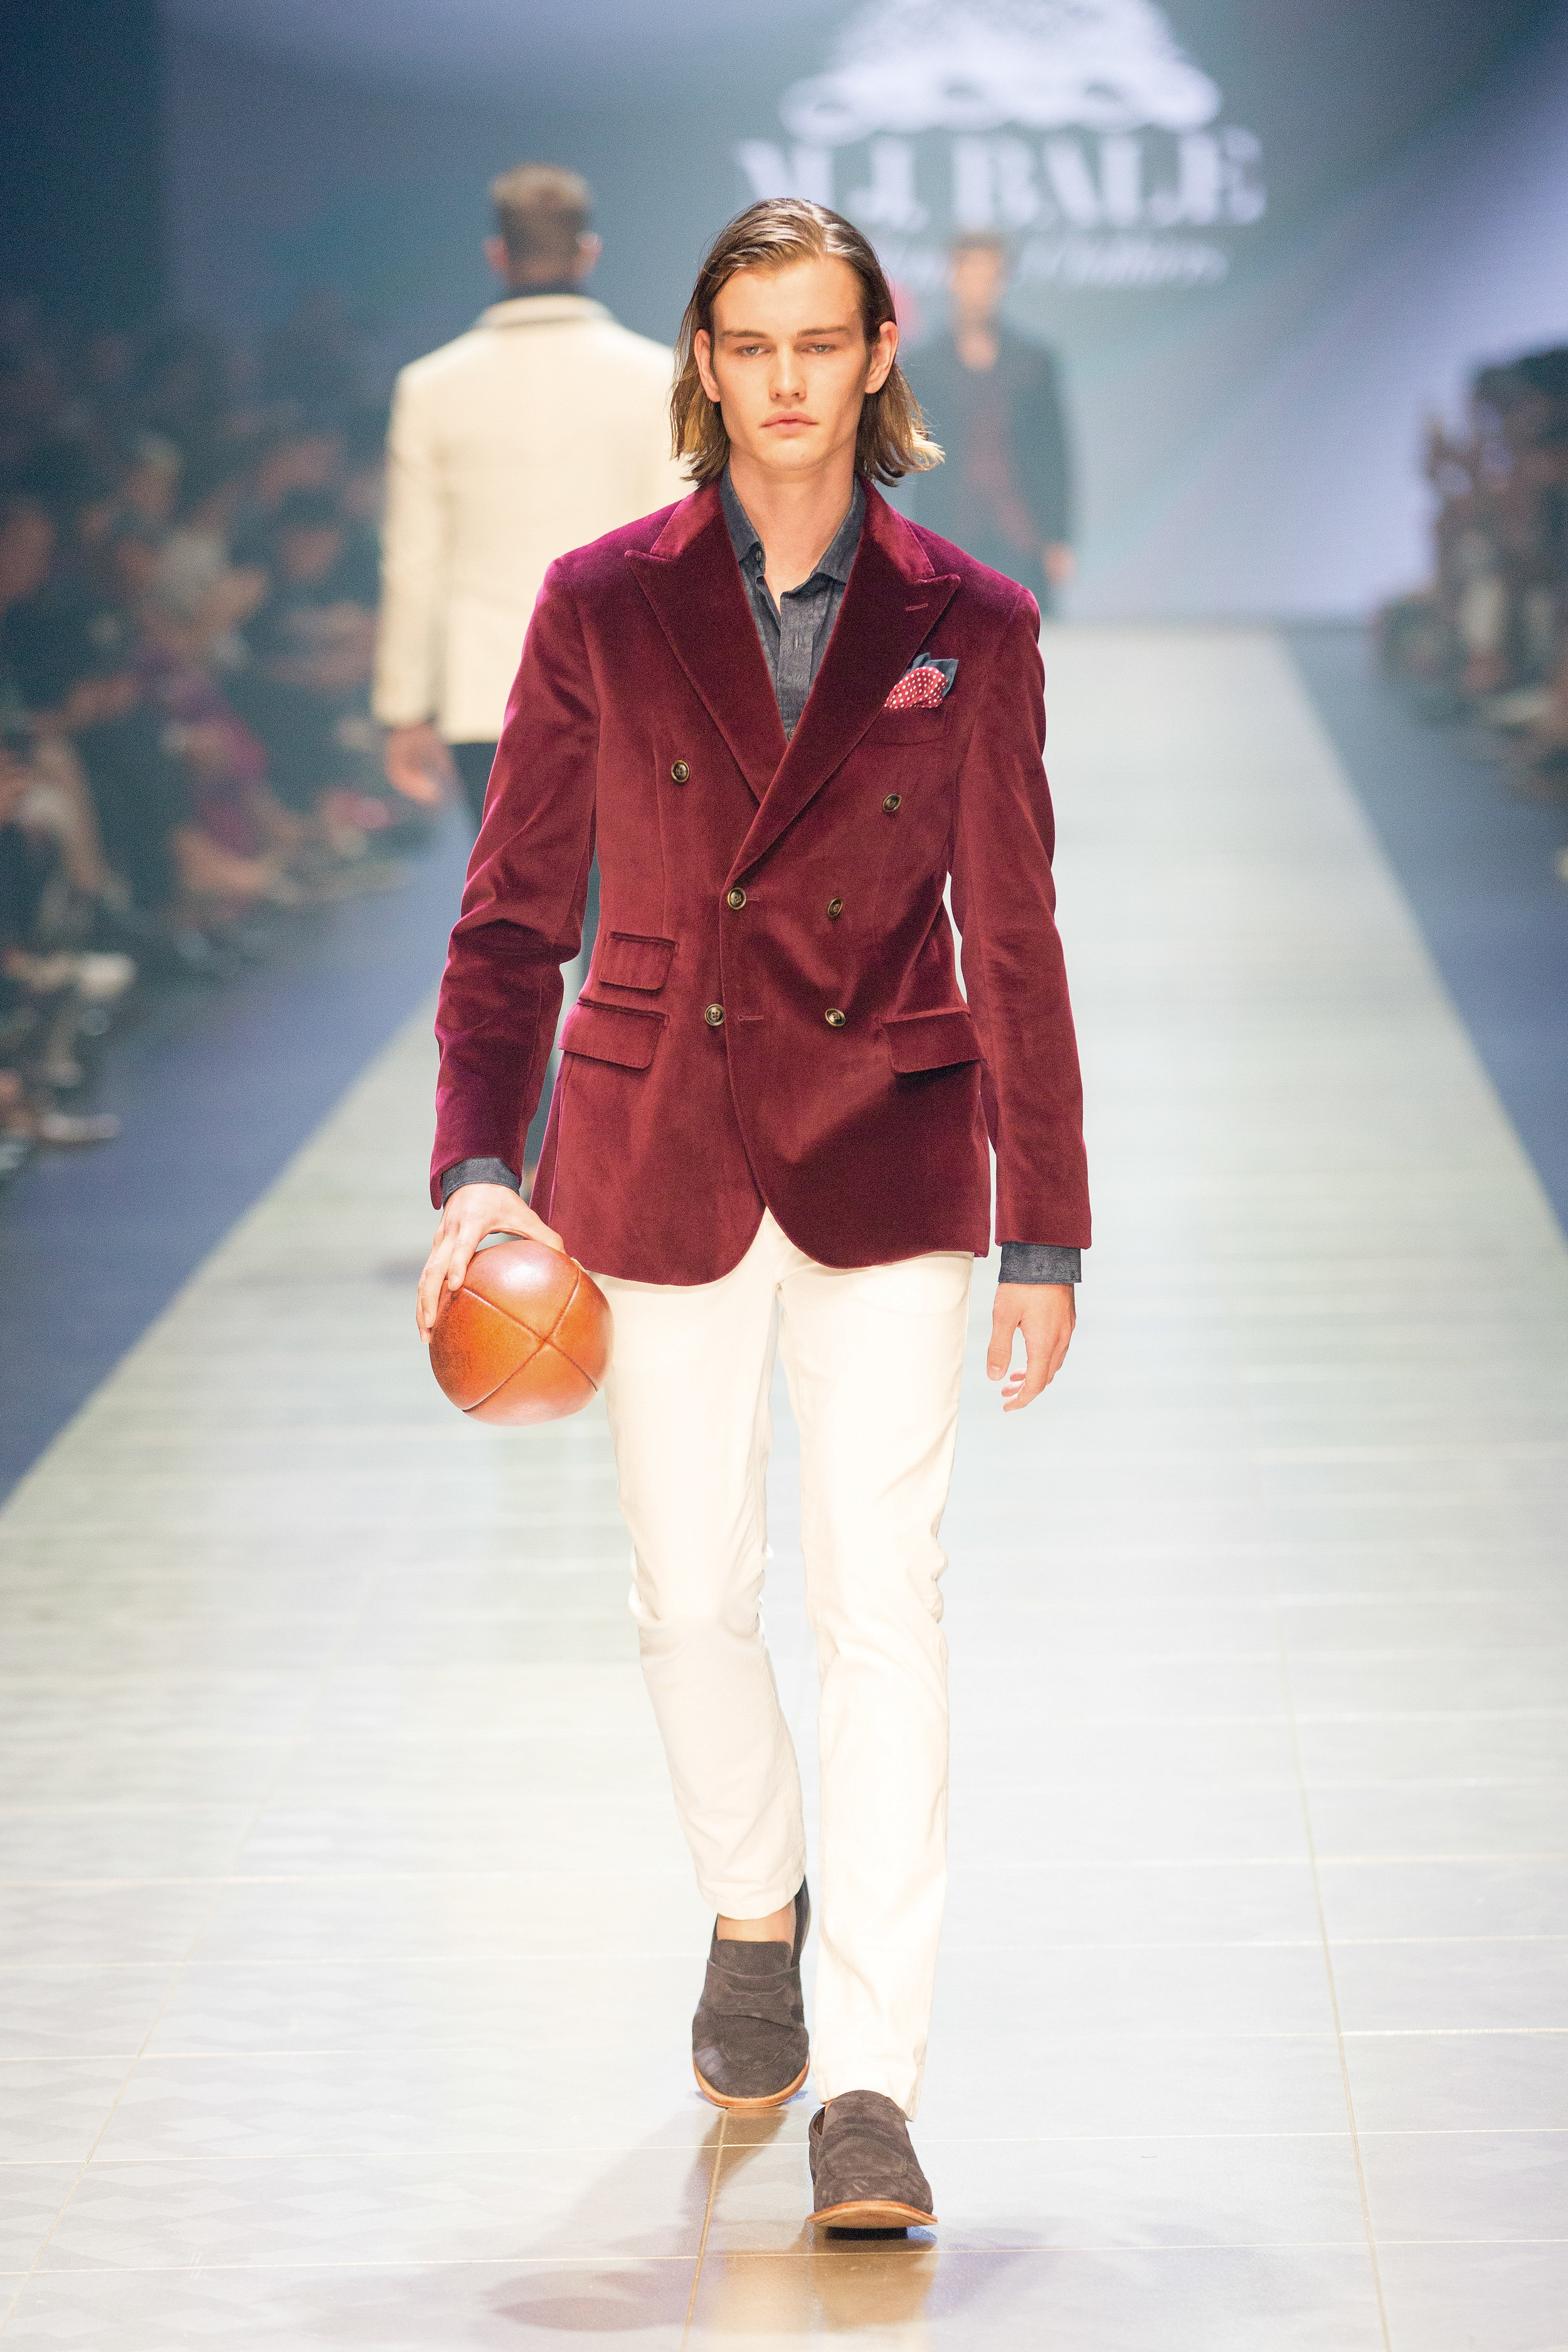 VAMFF2019_GQ Menswear-318.jpg